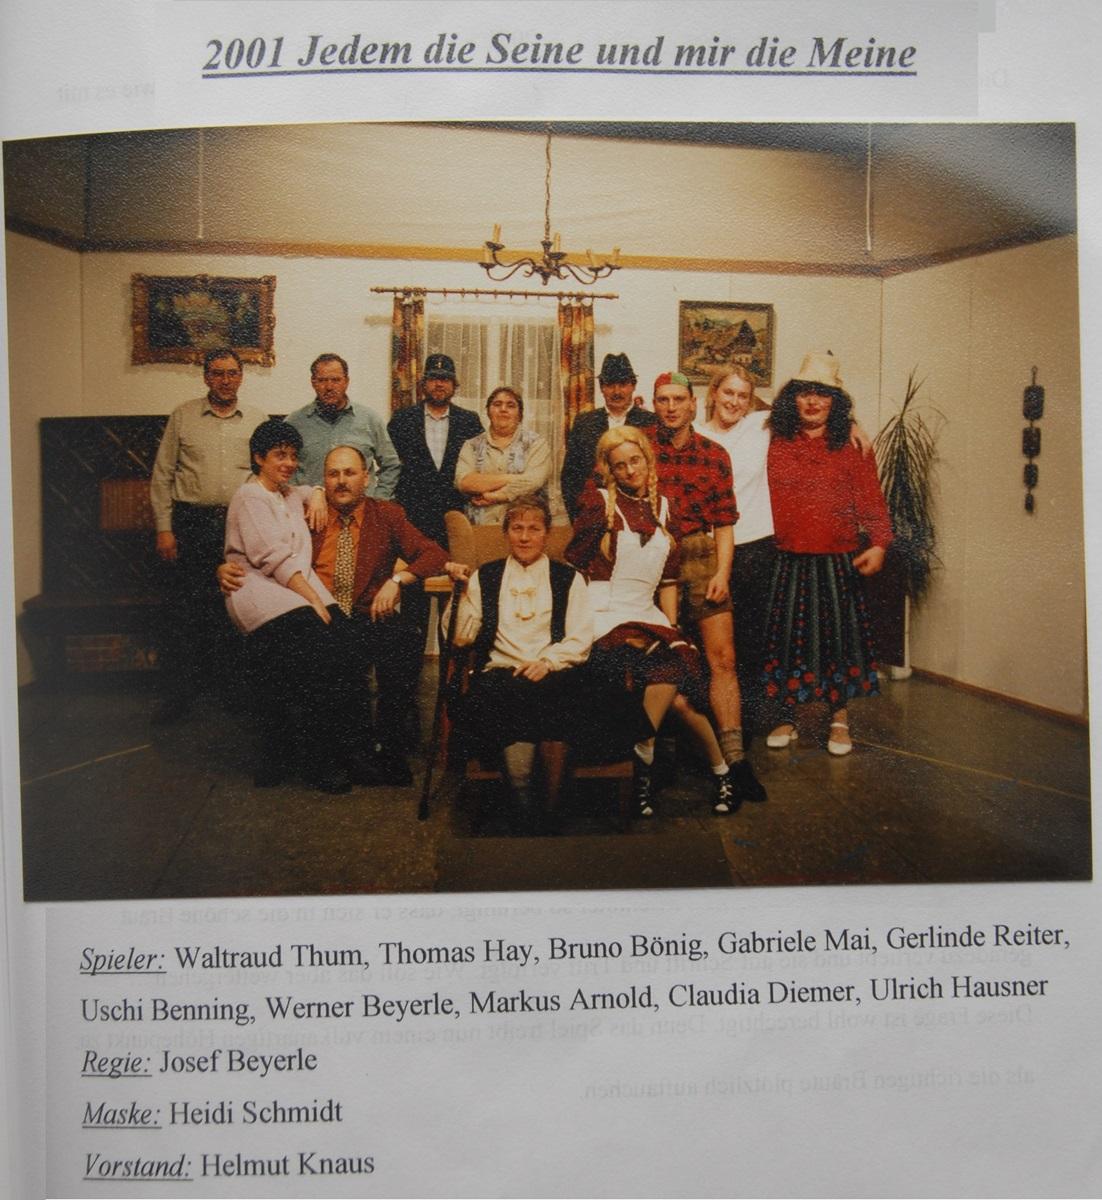 KSC-Theater-2001-Jedem-die-Seine-und-mir-die-Meine